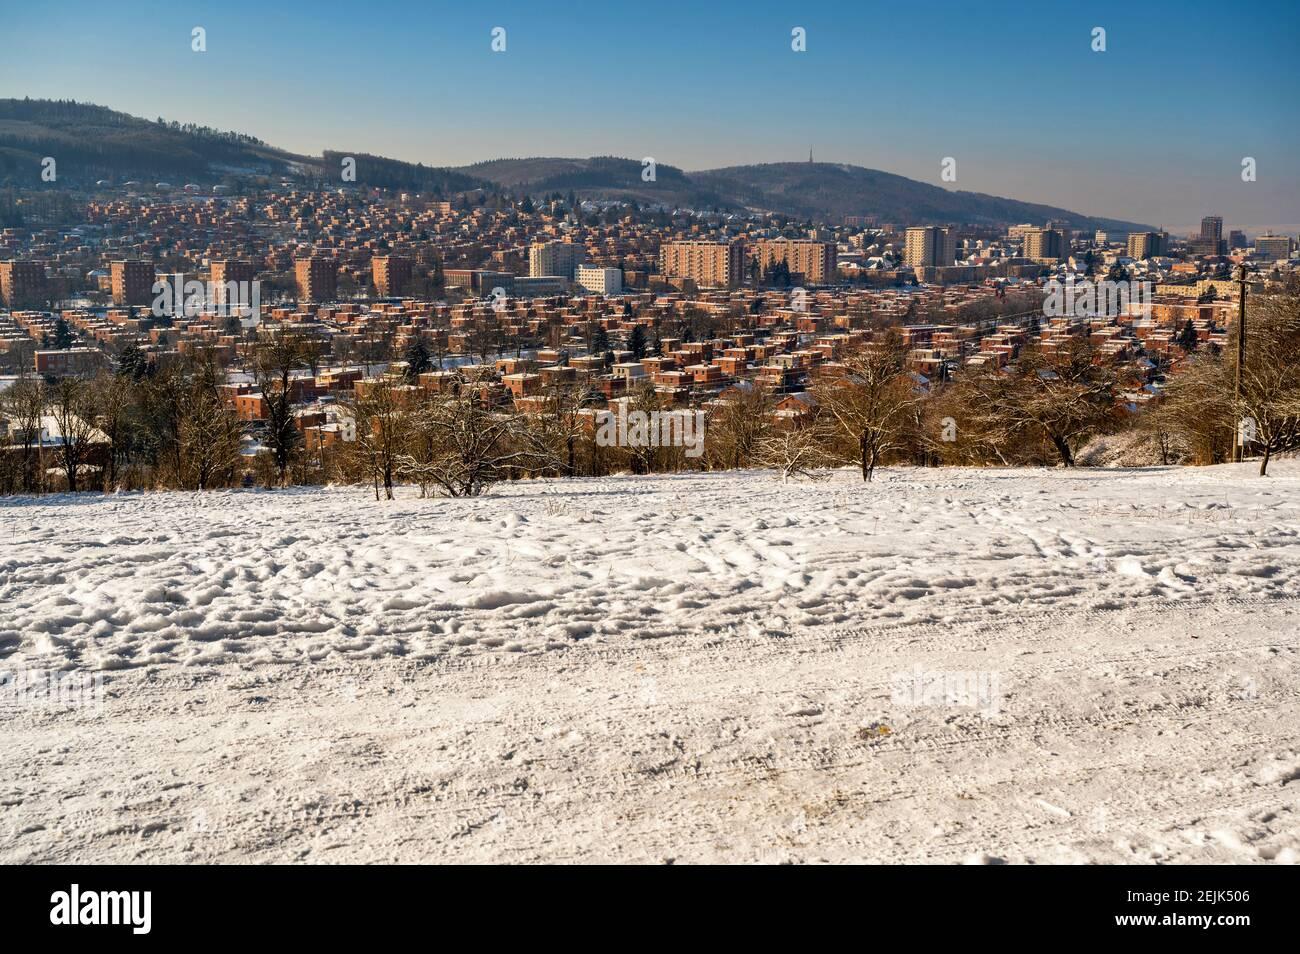 Quartier résidentiel, architecture unique de maisons en briques rouges standardisées dans la ville de Zlin, République tchèque. Panorama de la ville enneigé, jour d'hiver ensoleillé. Banque D'Images